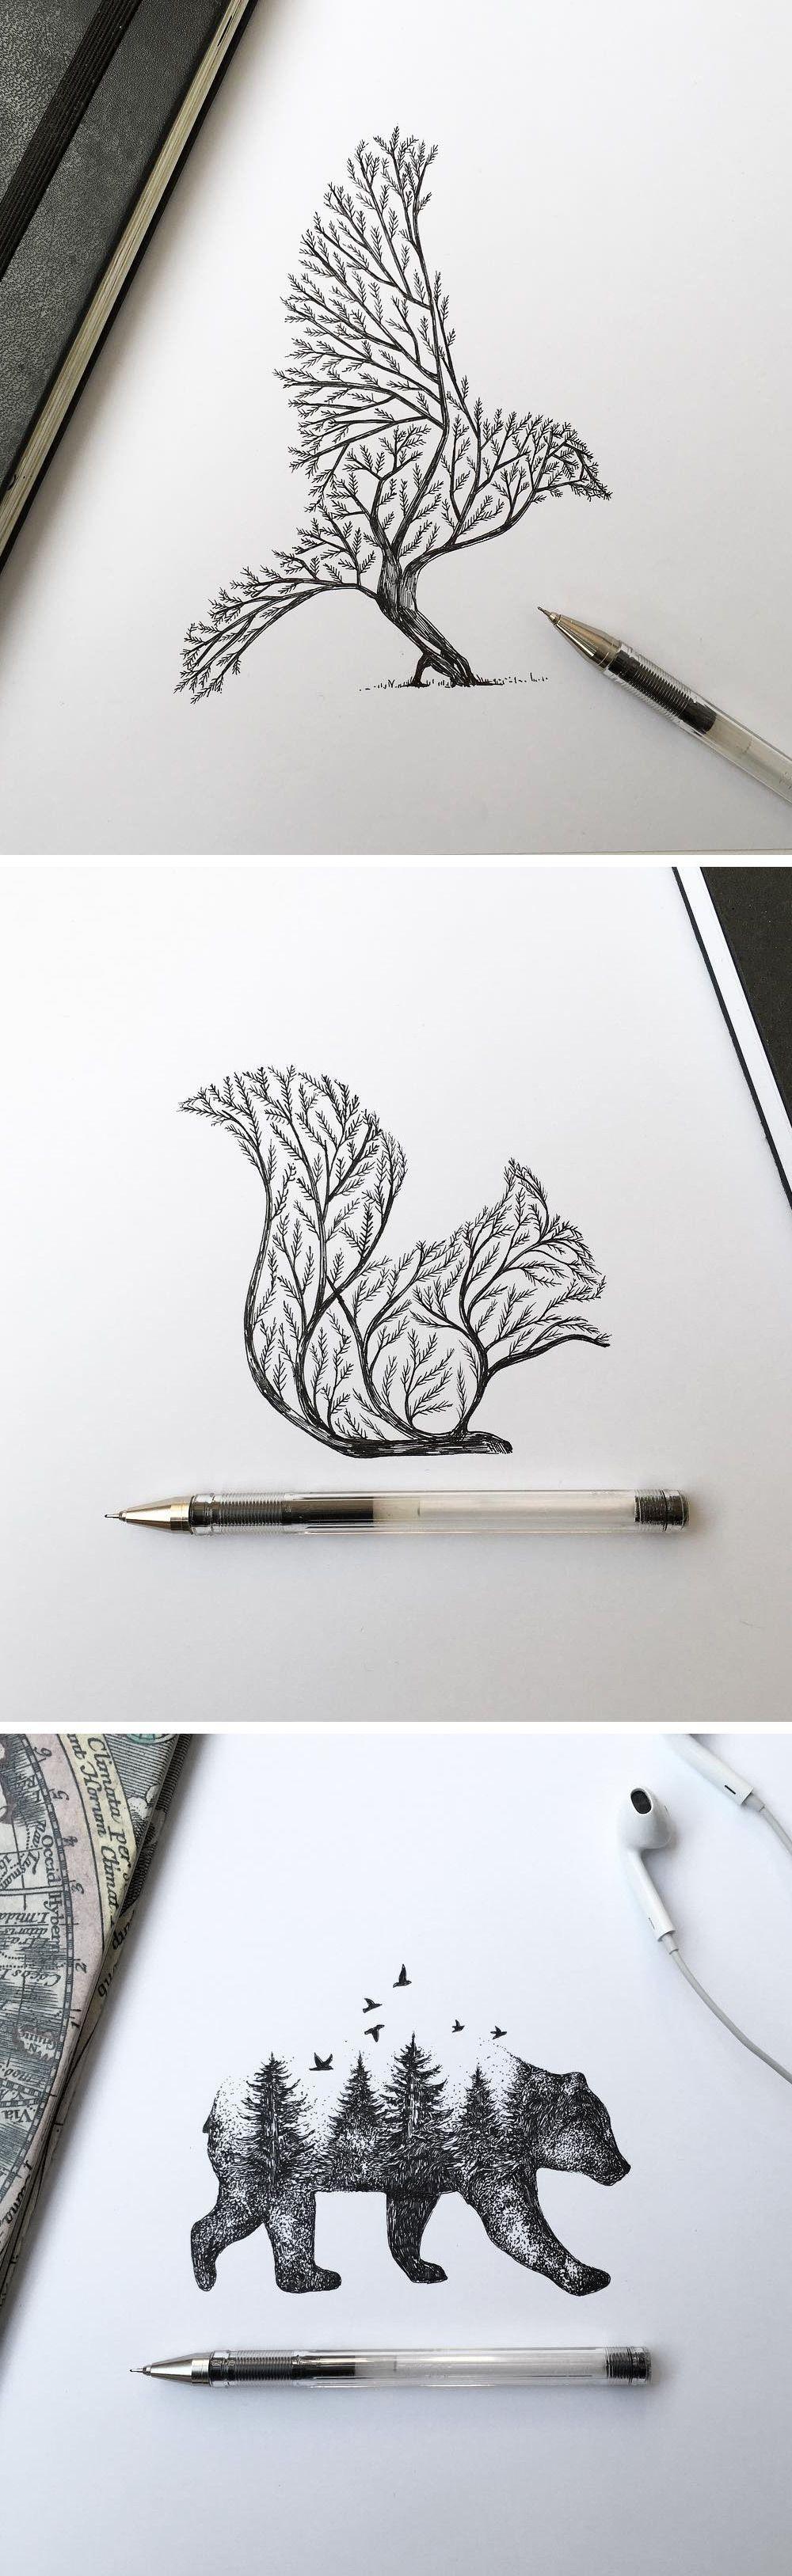 Superbe Dessin Noir Et Blanc Simple à Réaliser Drawings